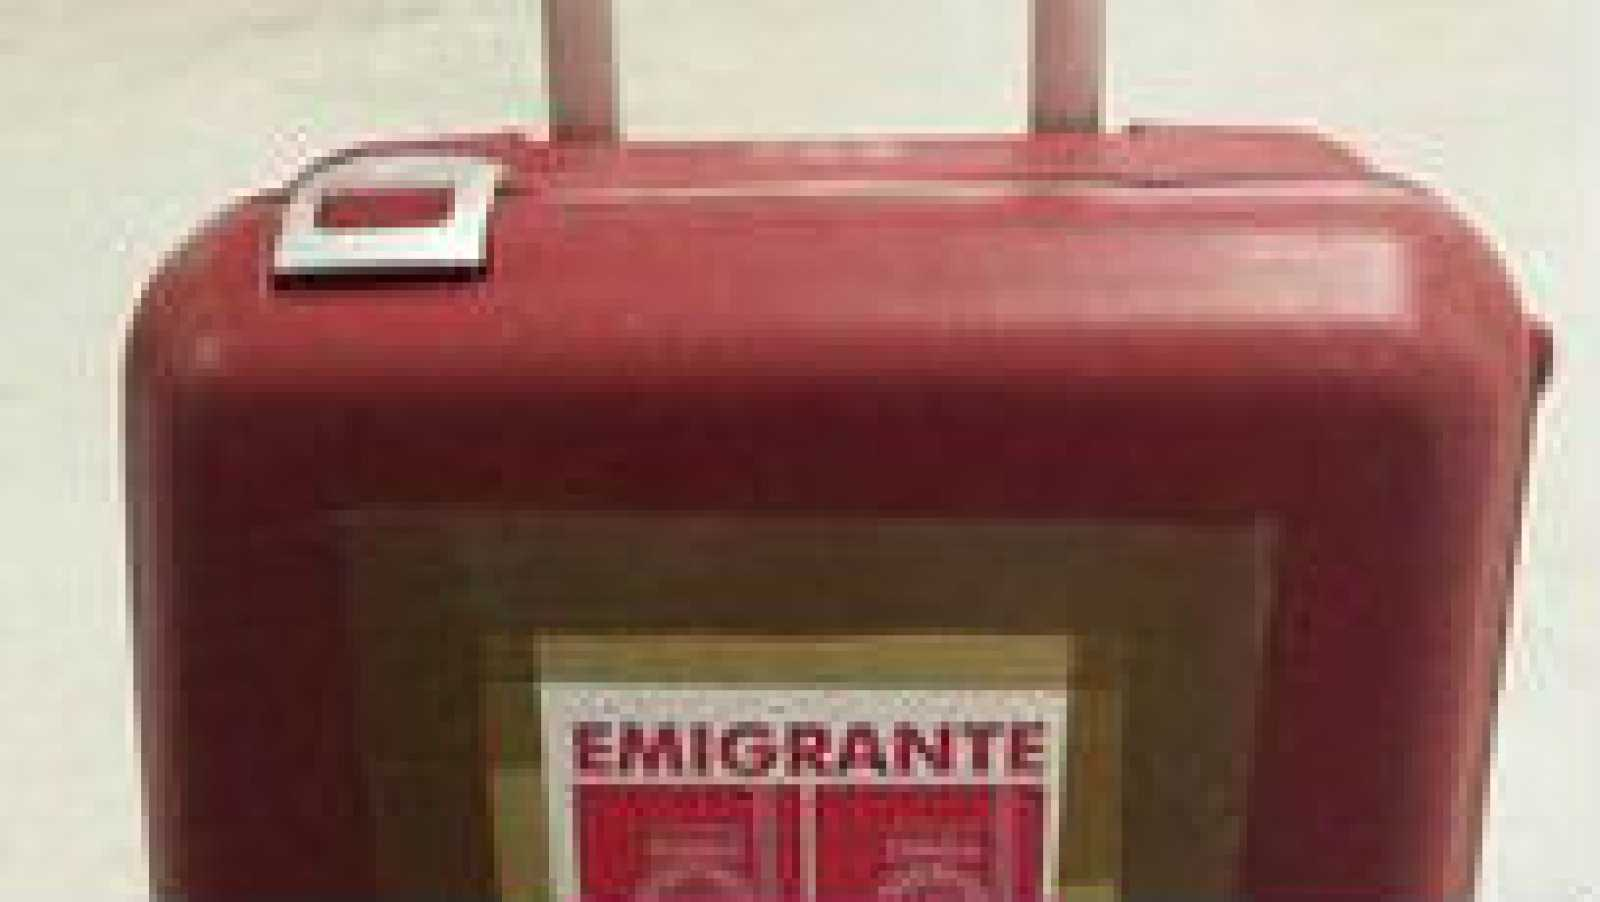 Más cerca - Marea granate: somos emigrantes, no turistas - Escuchar ahora